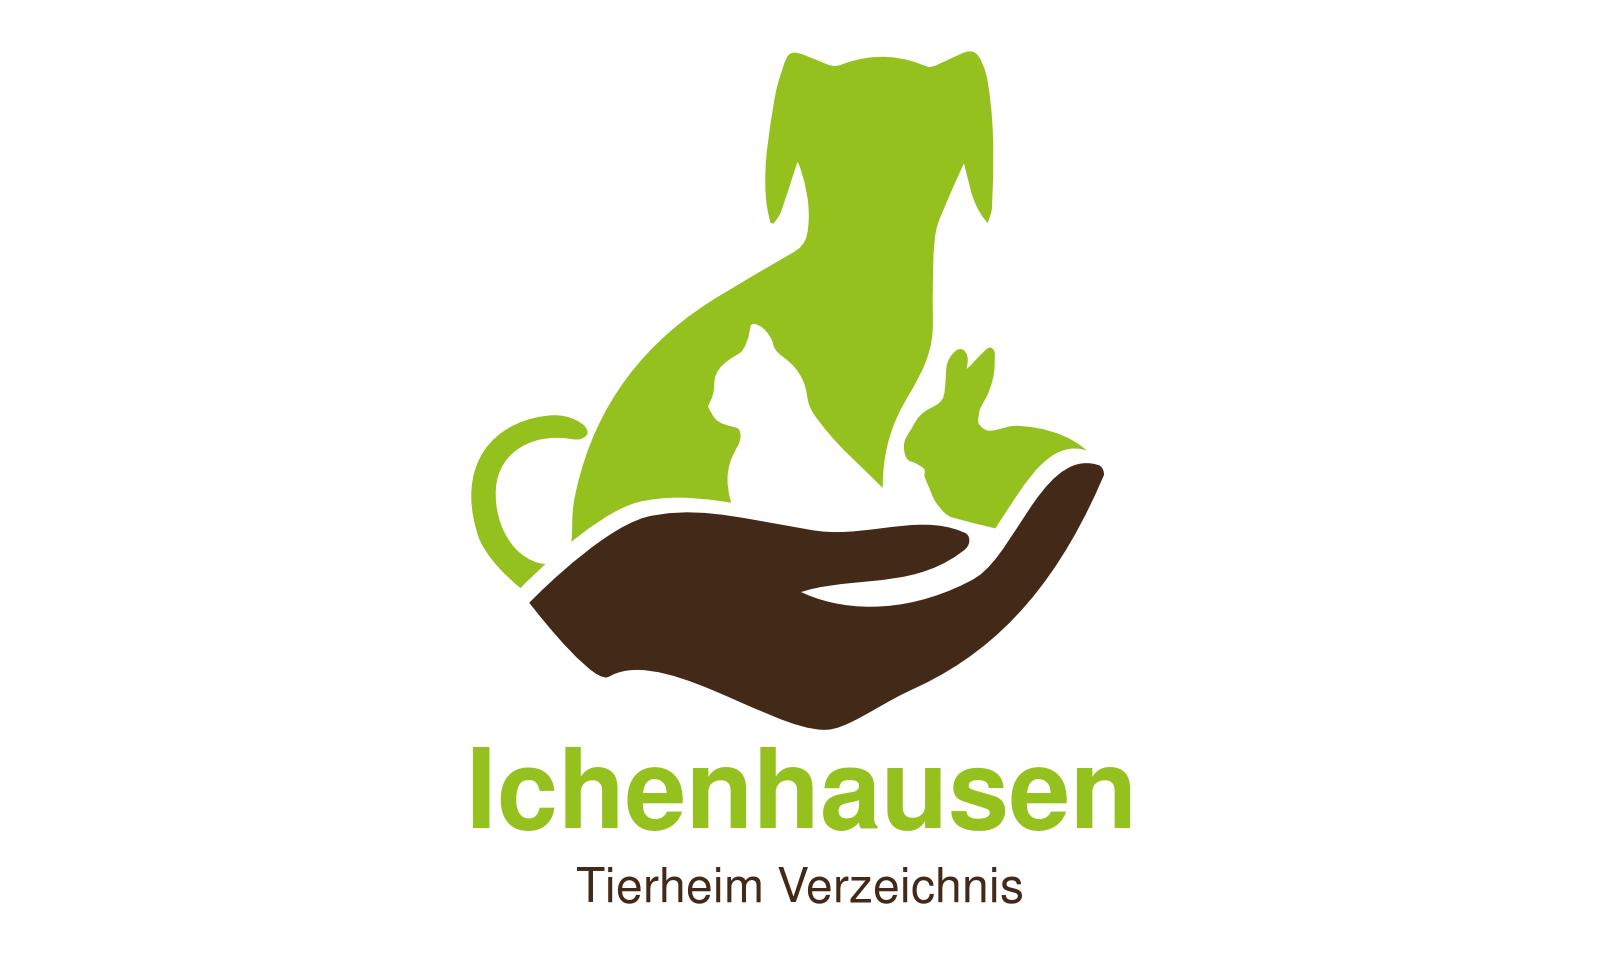 Tierheim Ichenhausen